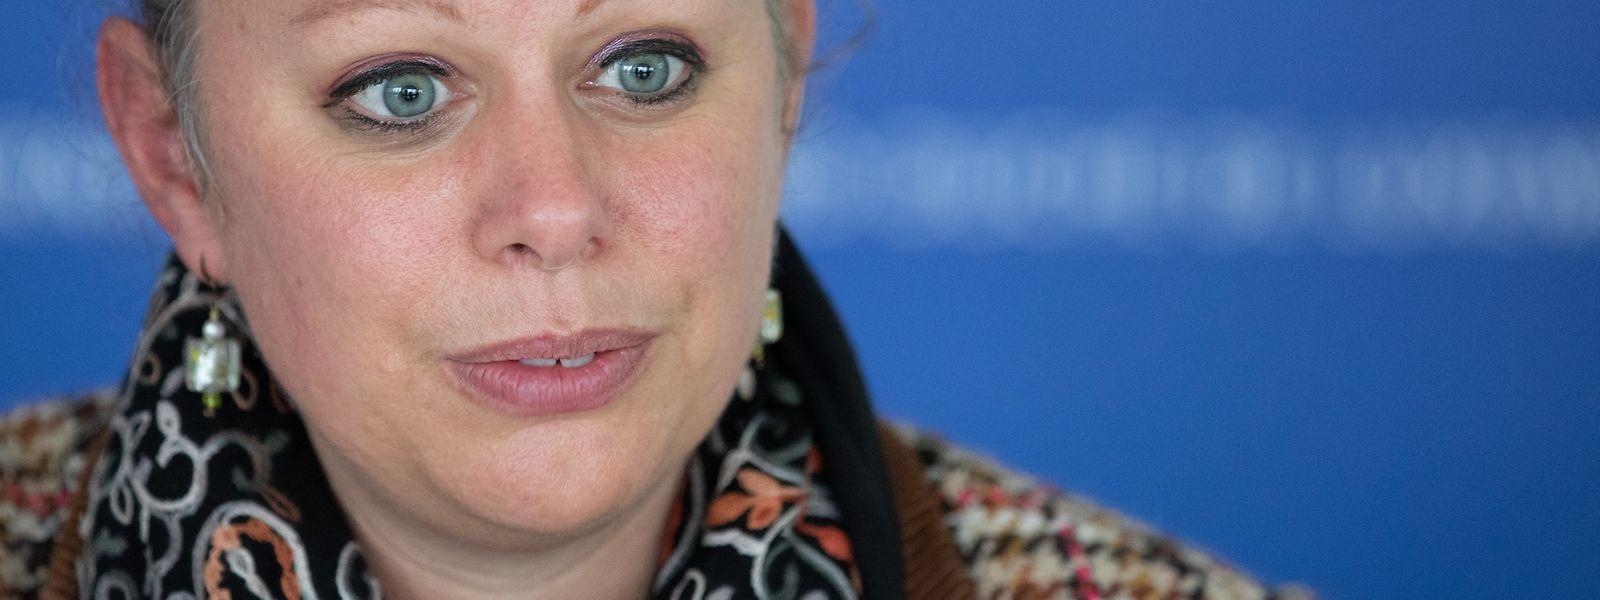 """Umweltministerin Carole Dieschbourg (Déi Gréng) wird am Mittwochnachmittag im parlamentarischen Umweltausschuss zu den von """"Reporter.lu"""" aufgeworfenen Fragen zur """"SuperDrecksKëscht"""" Stellung beziehen."""